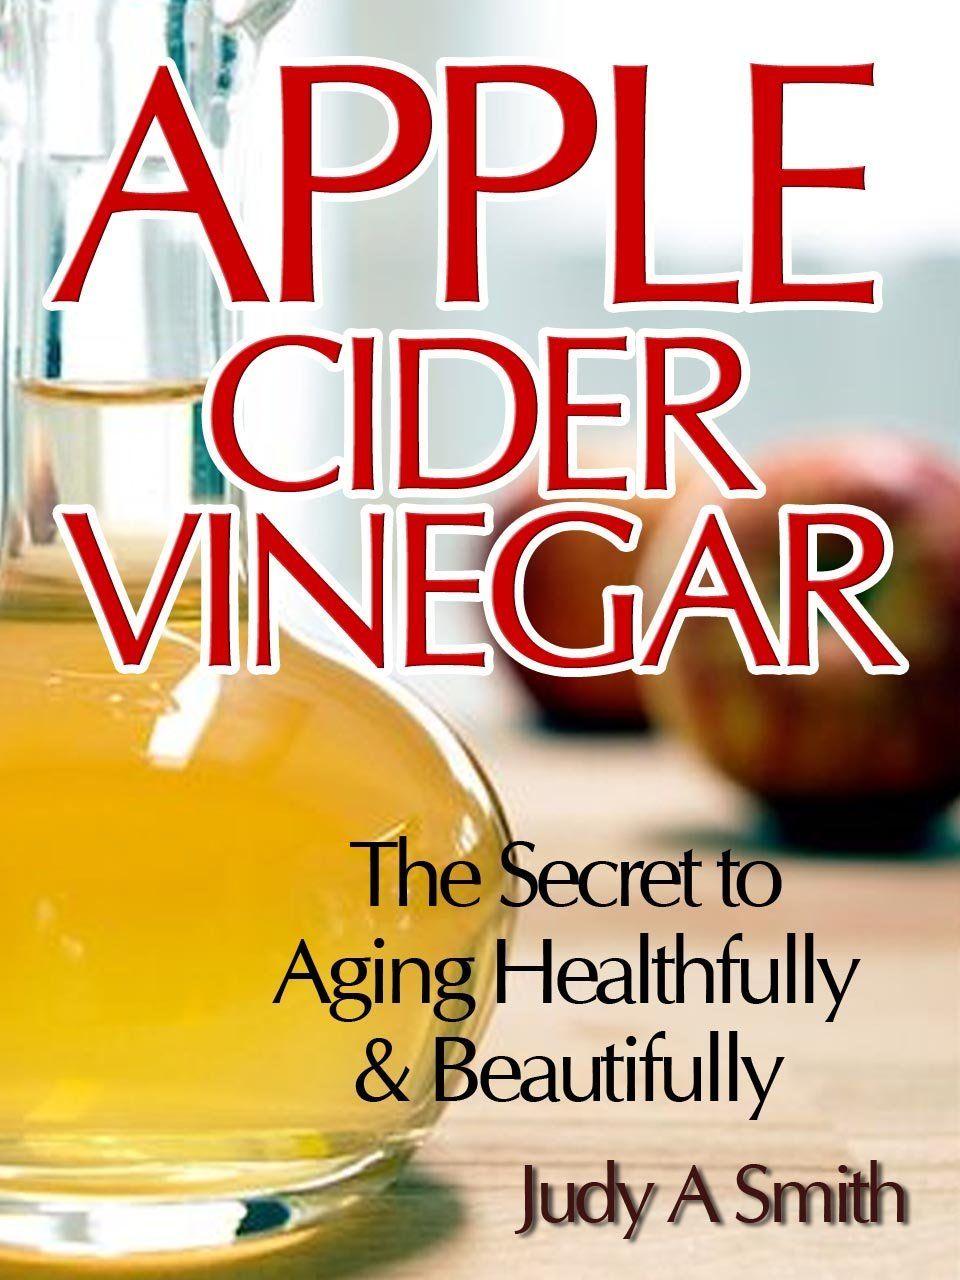 Apple Cider Vinegar The Secret to Aging Healthfully